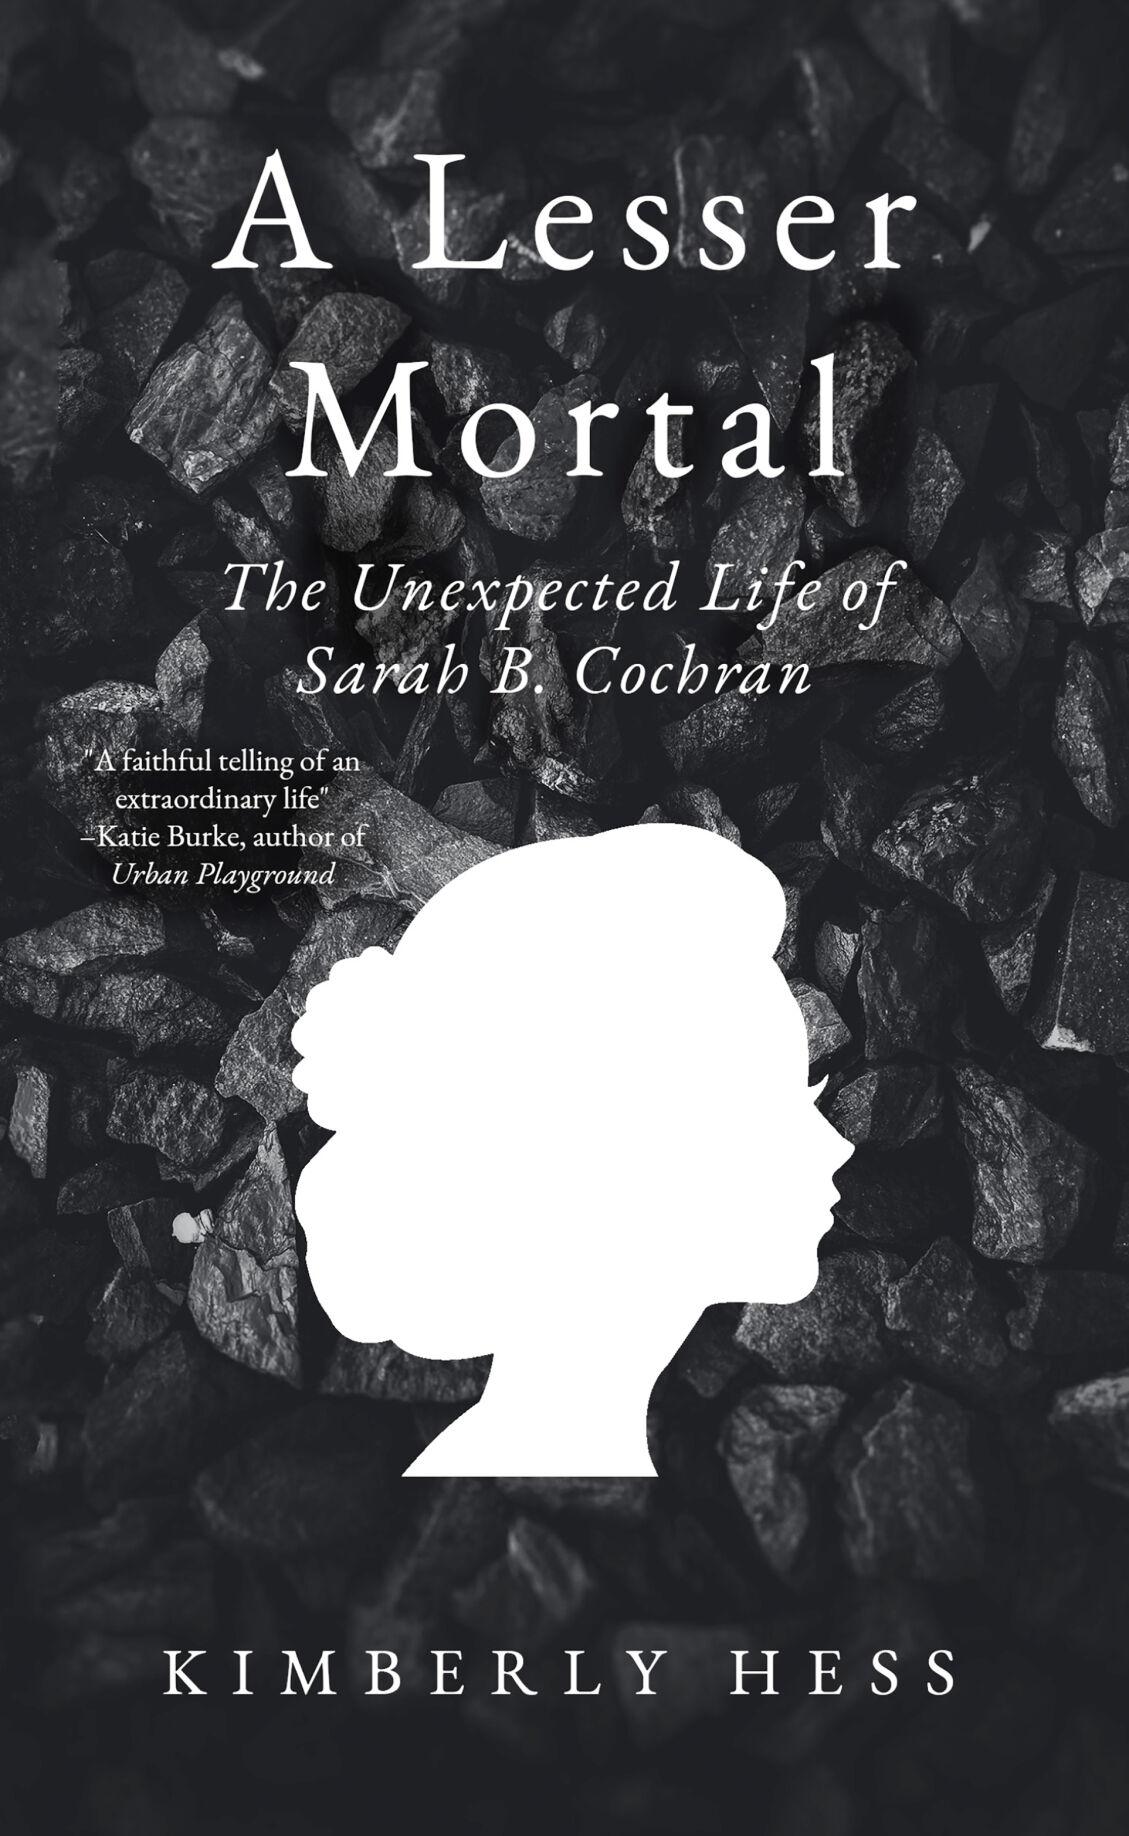 'A Lesser Mortal'